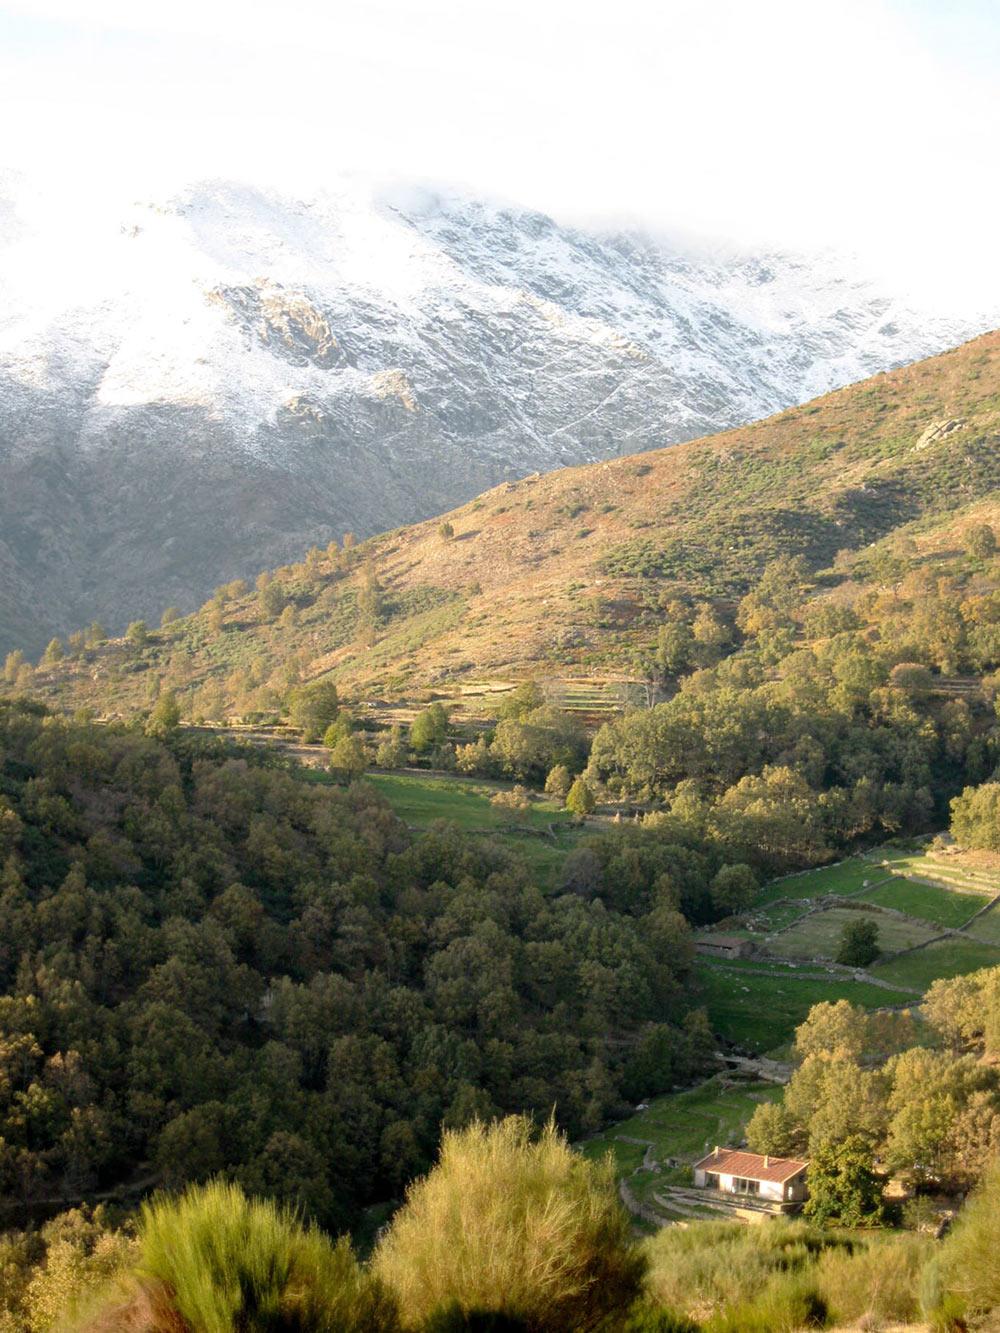 Mountain Views, Finca en Extremadura in Cáceres, Spain by ÁBATON